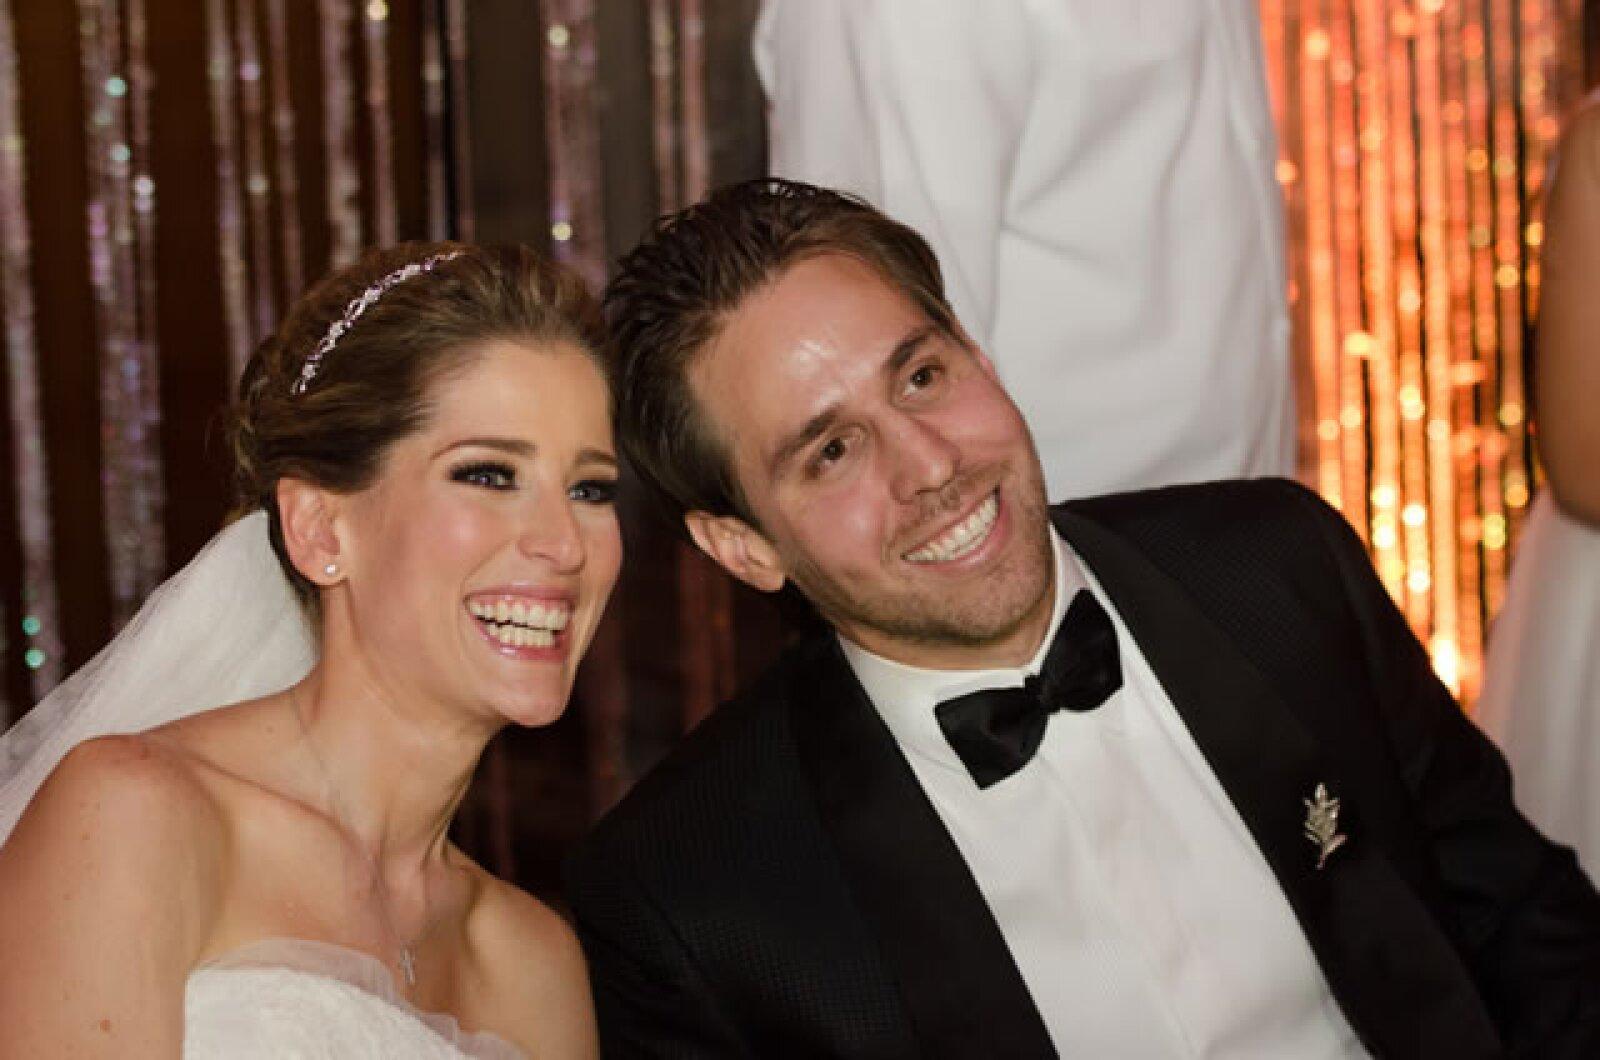 En principio la luna de miel sería en Jordania e Israel, sin embargo los ahora recién casados decidieron cambiar el destino dado los conflictos bélicos que se viven en aquella región.